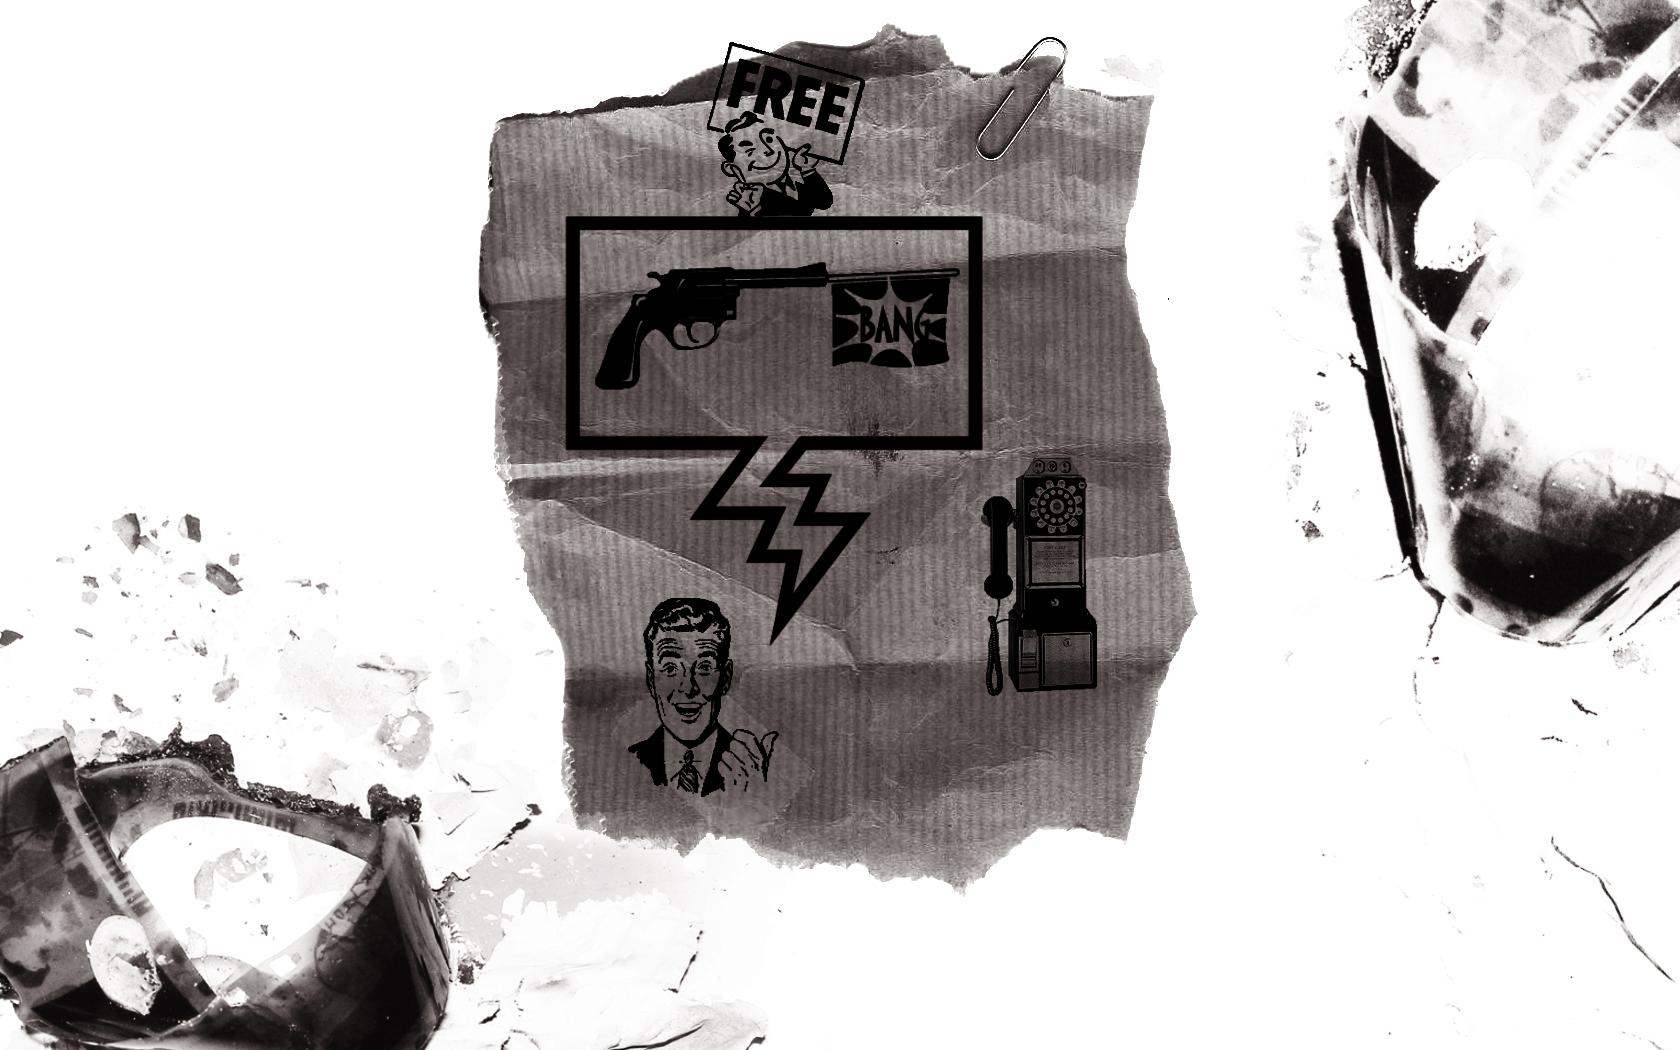 BANG 4 FREE!